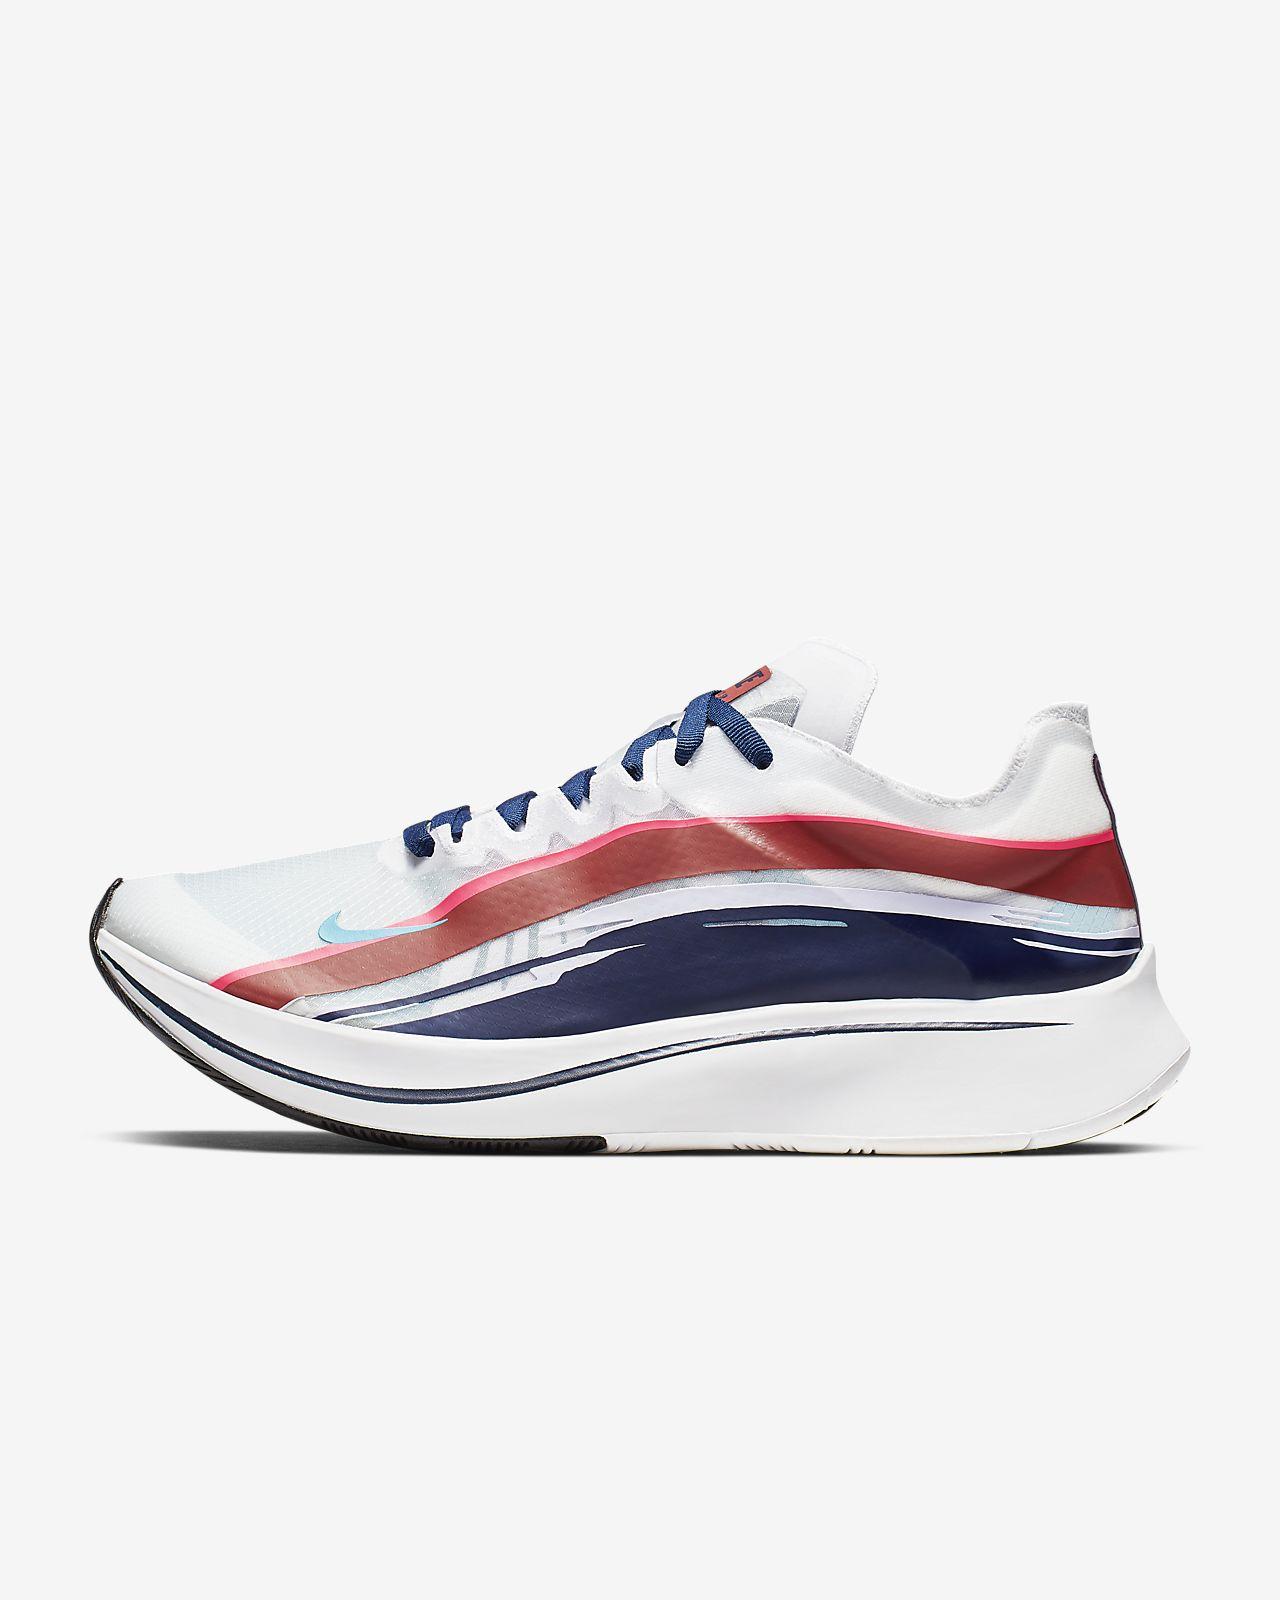 Nike Zoom Fly SP 女款跑鞋